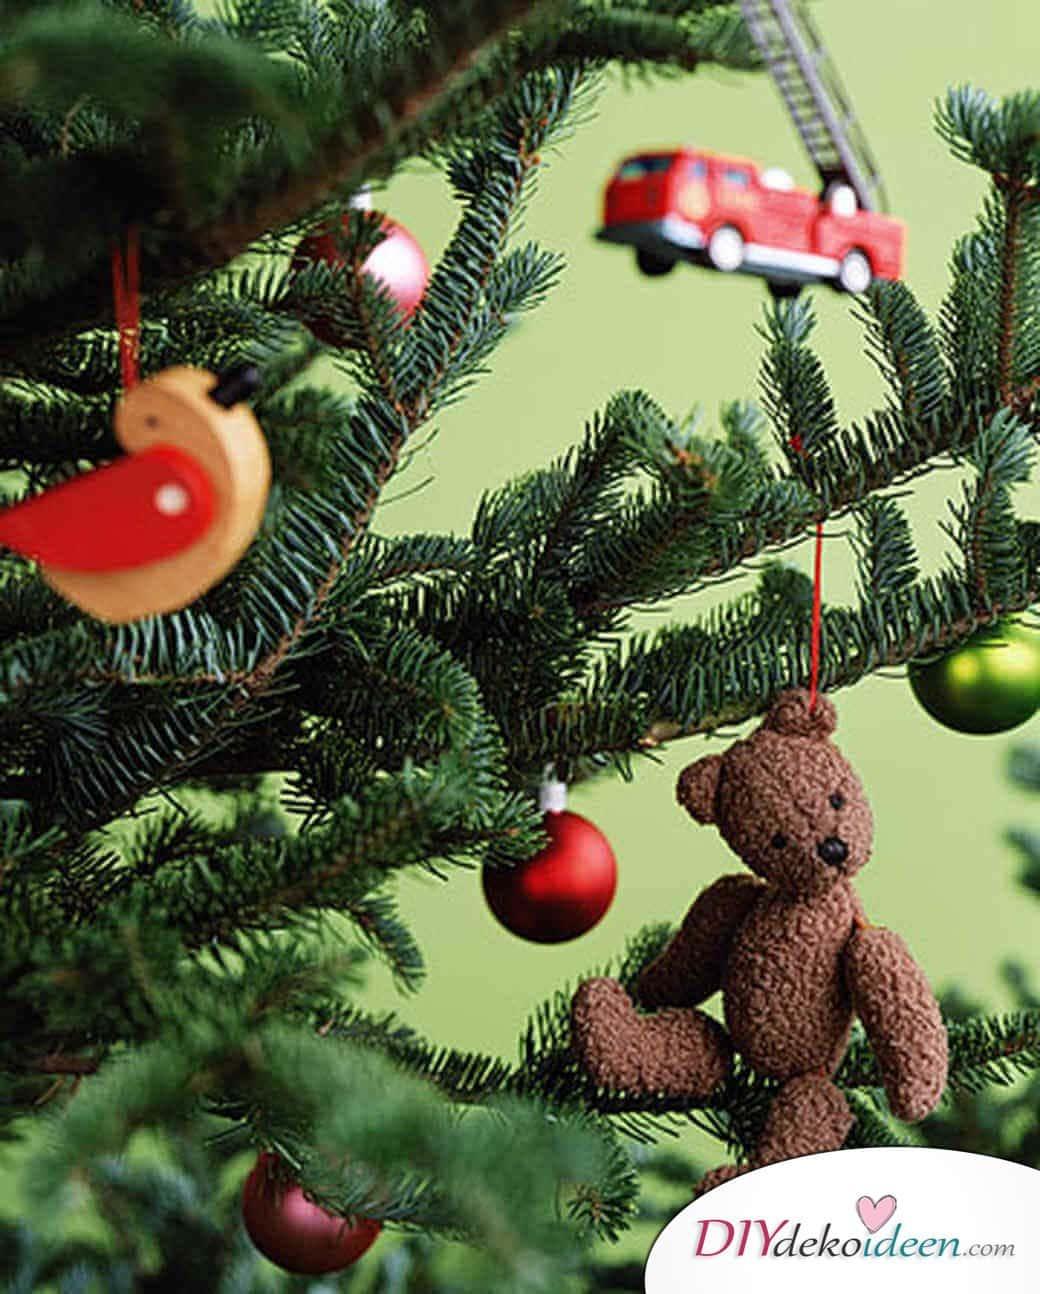 Weihnachtsbasteln mit Kindern - 15 Ideen - basteln mit Kindern - Weihnachten Bastelideen - Christbaumschmuck basteln